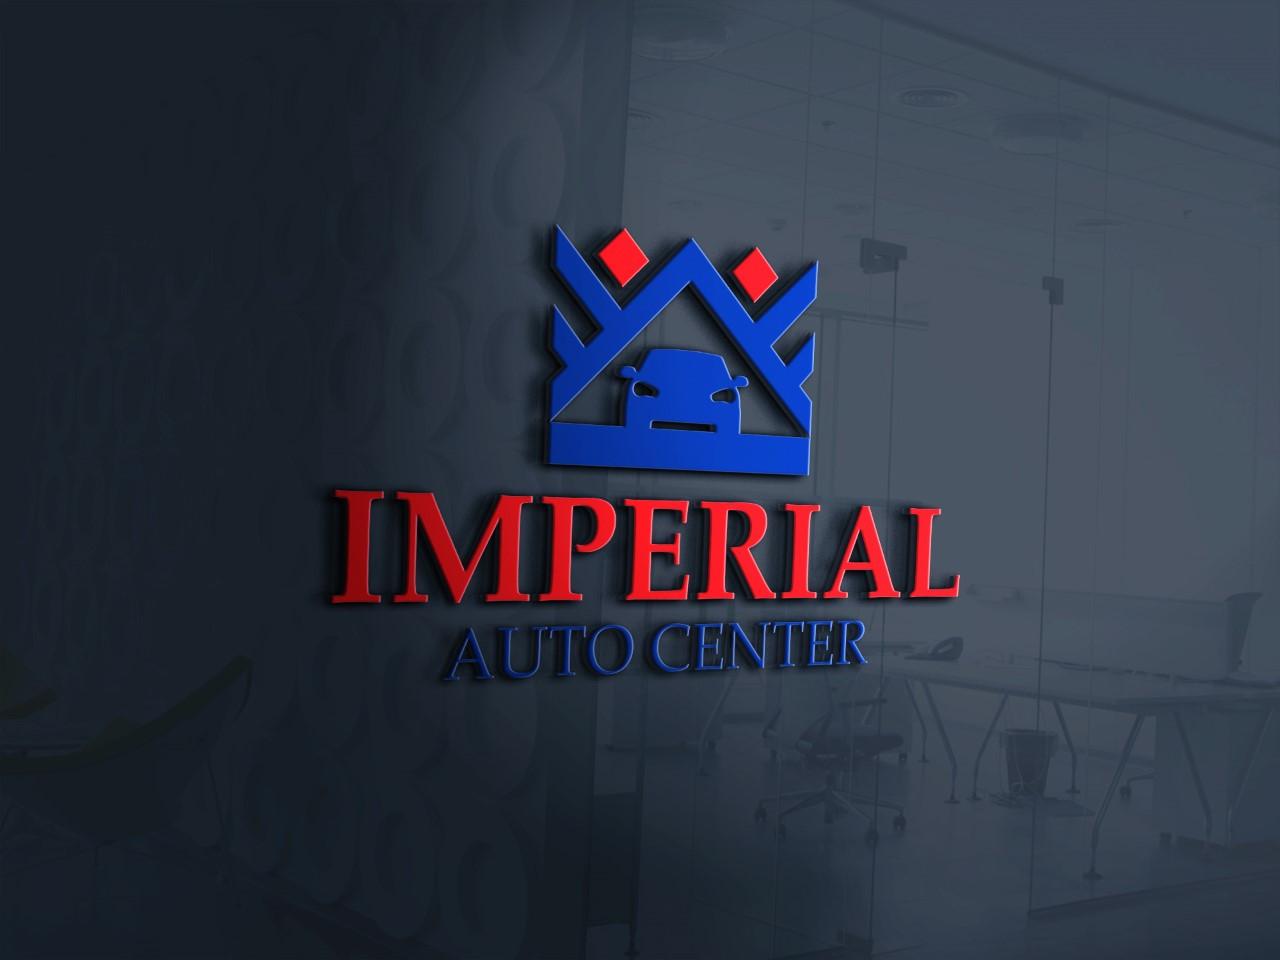 IMPERIAL AUTO CENTER